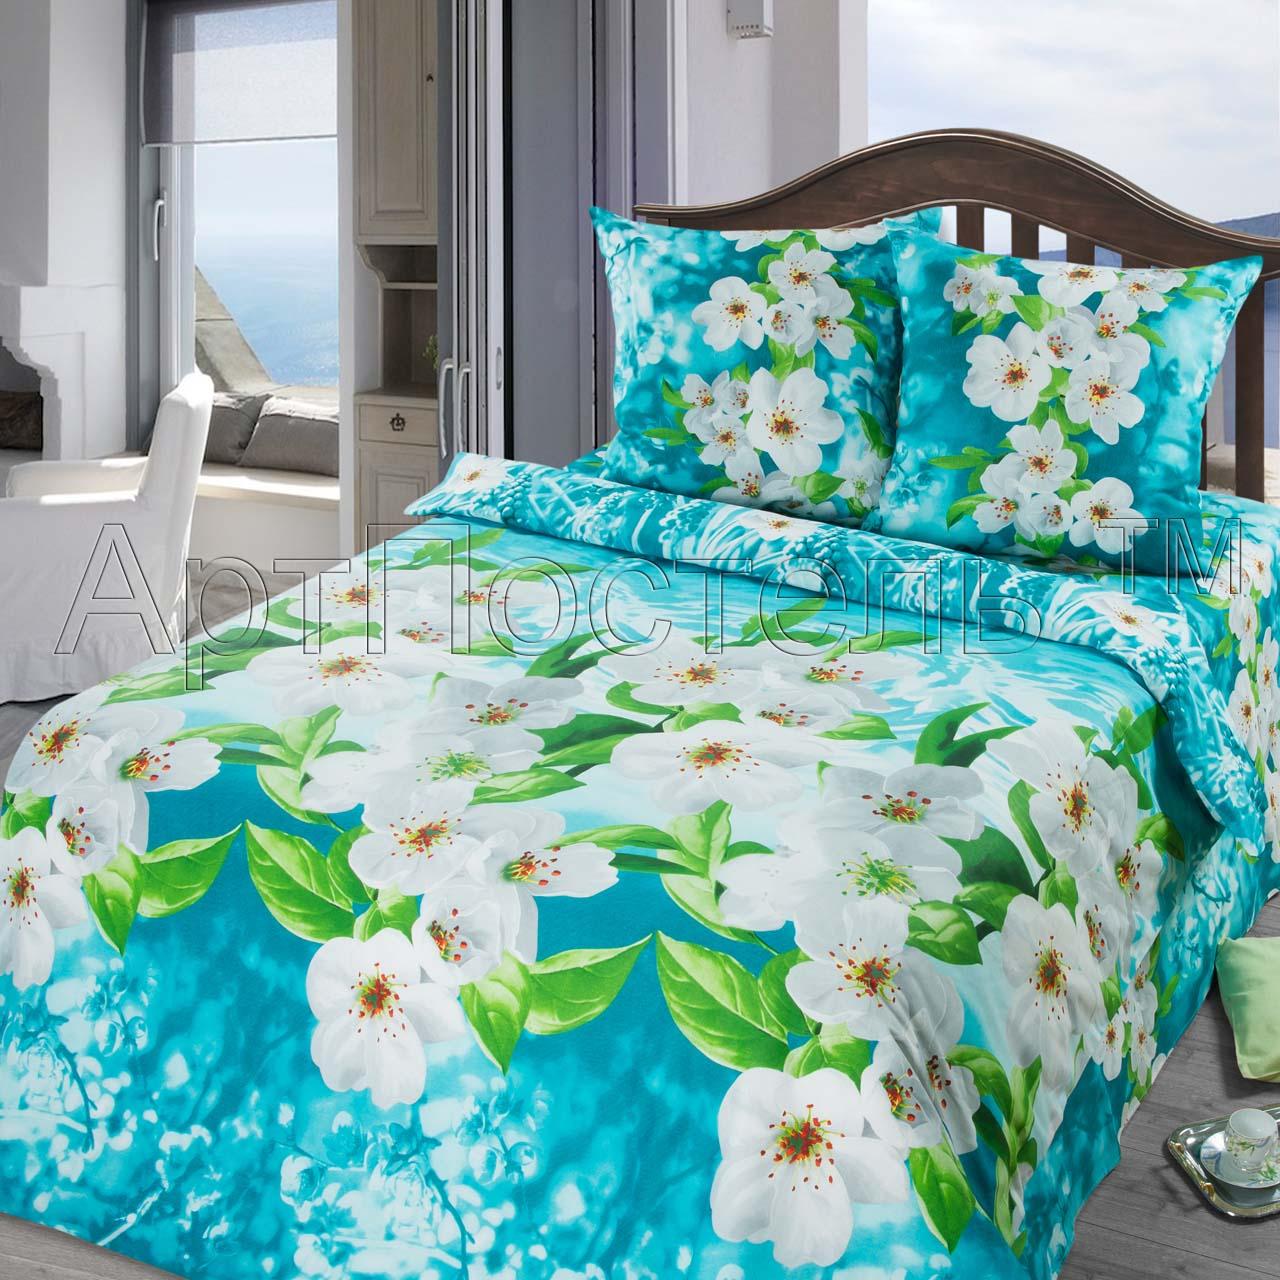 КПБ Зима-Лето  Адель , размер 2,0-спальный с европростыней - Постельное белье артикул: 9026